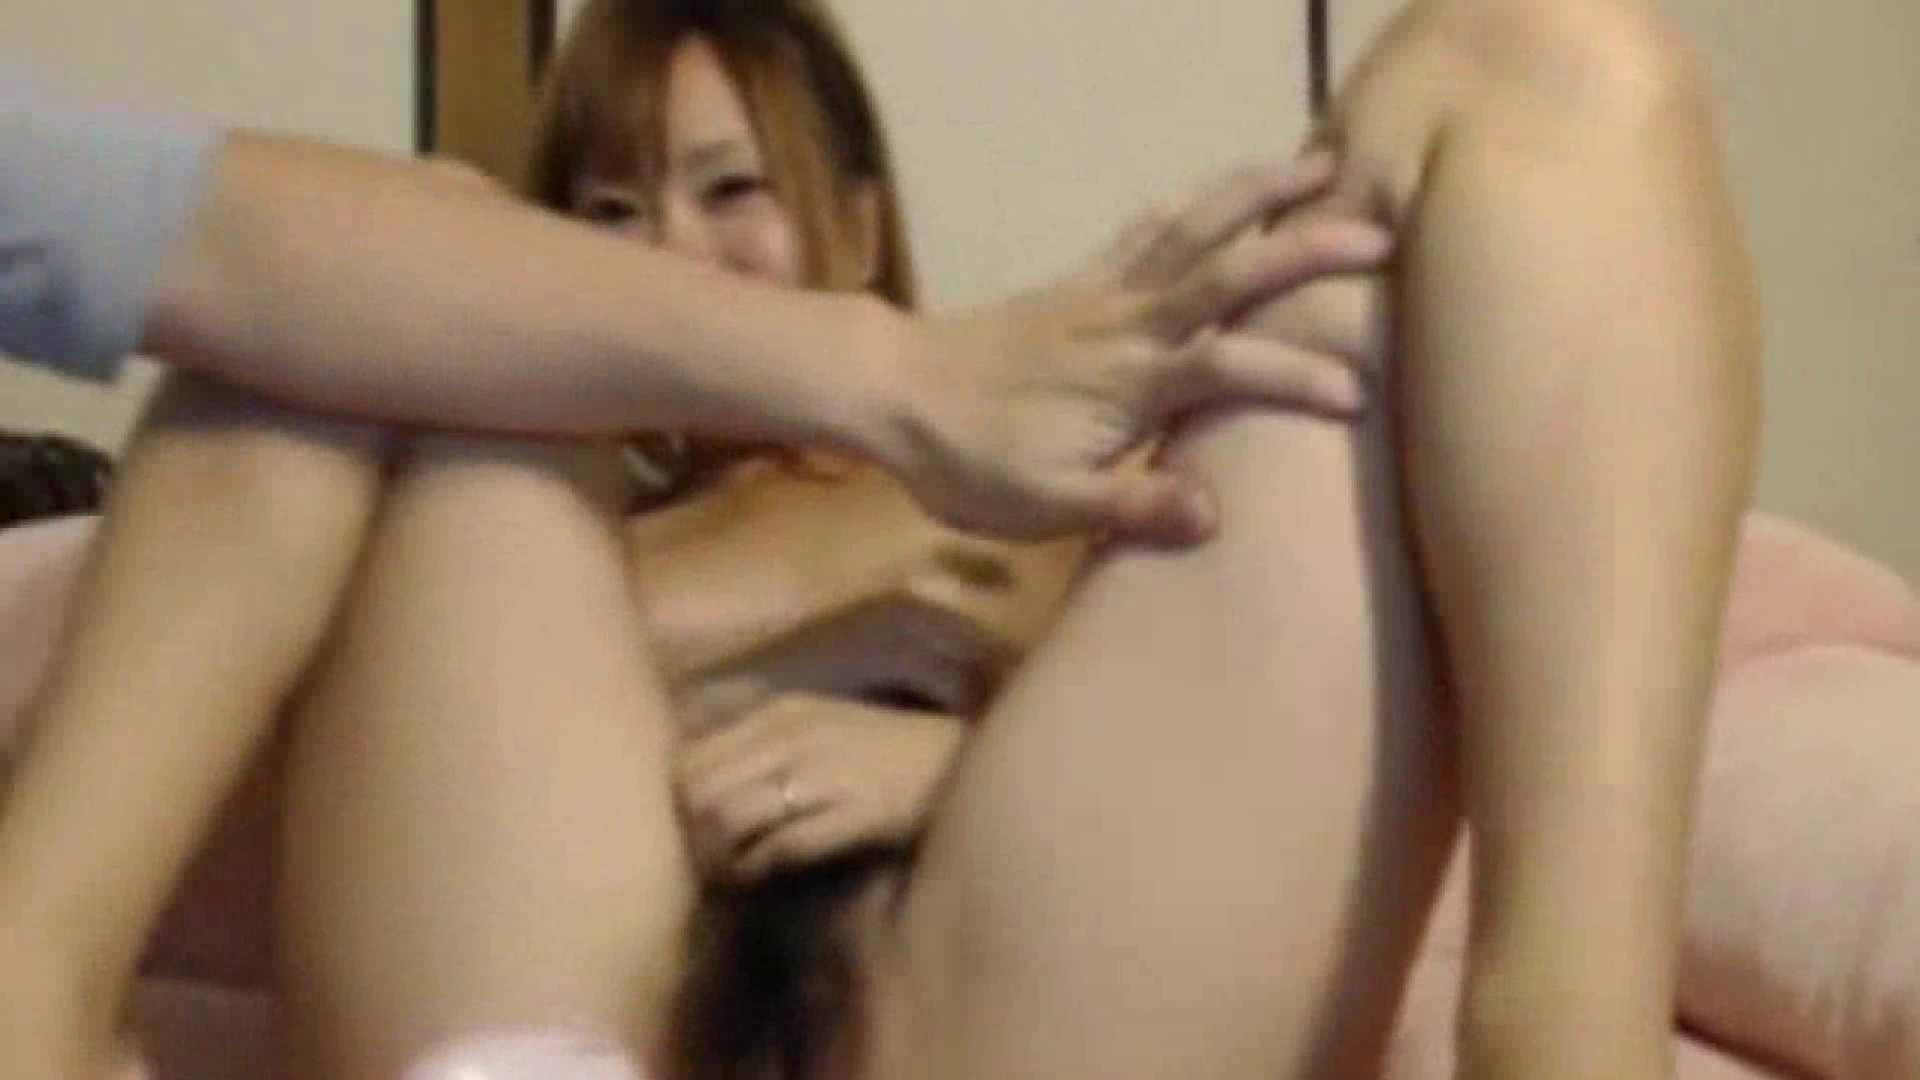 素人ギャル女良のハメ撮り!生チャット!Vol.13前編 素人流出 SEX無修正画像 89PIX 71